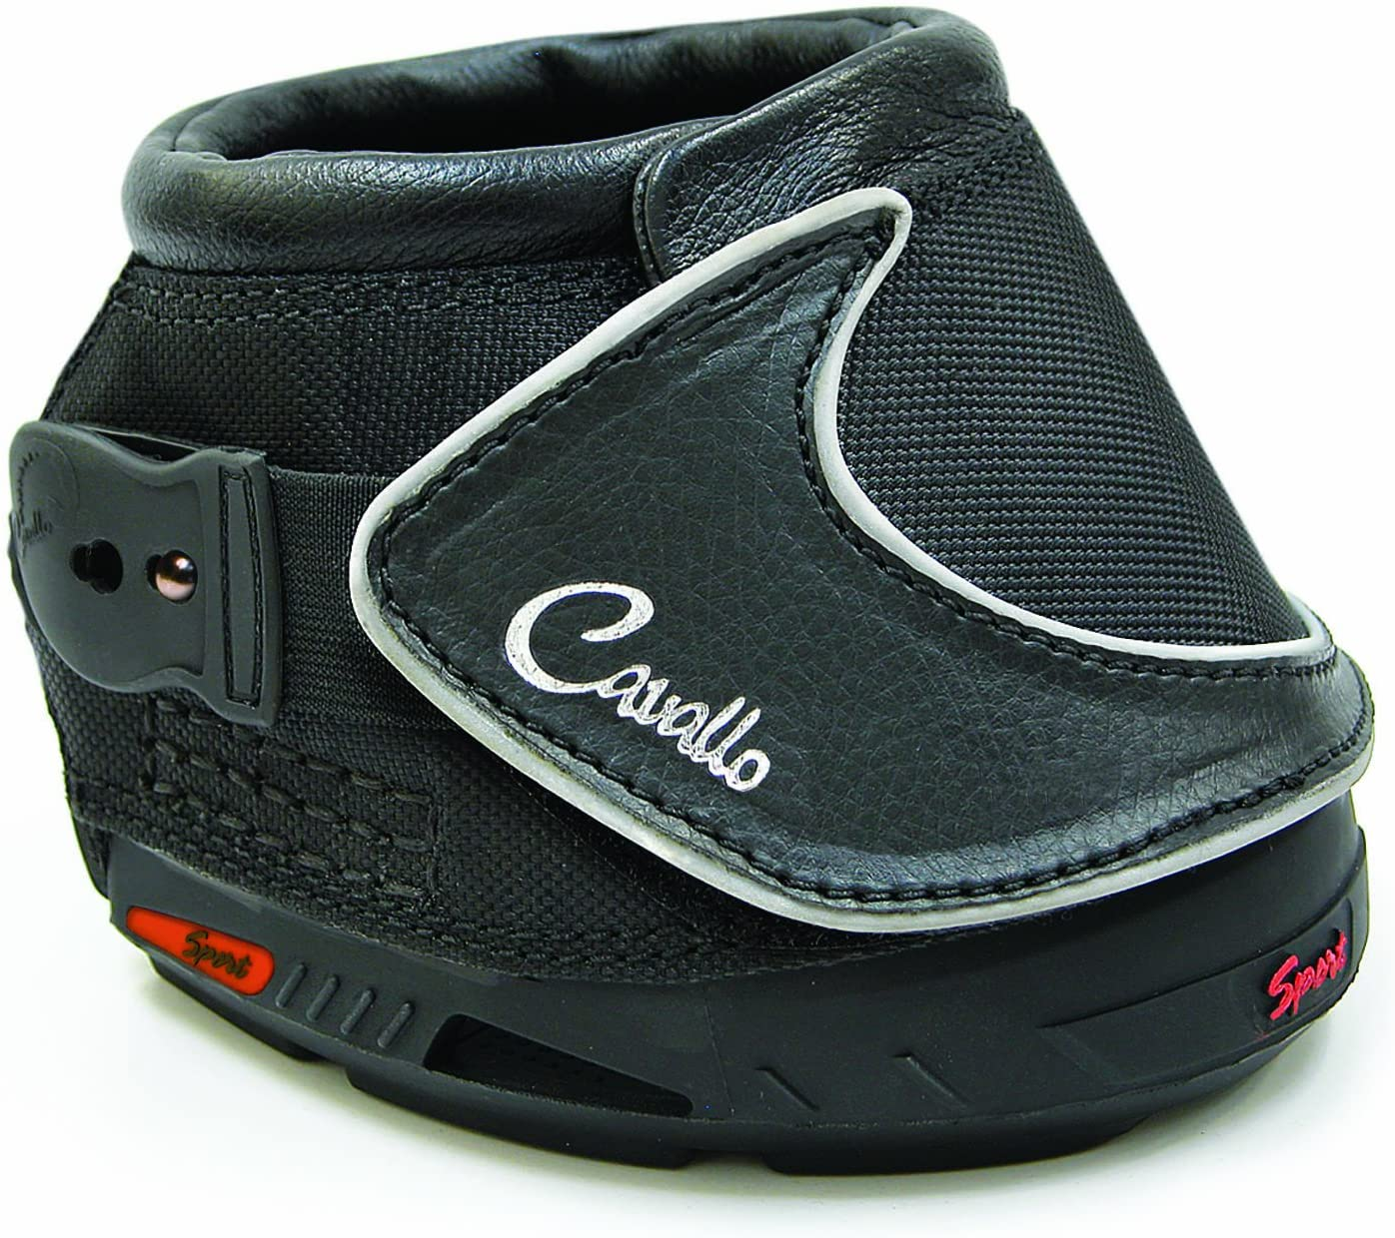 Cavallo Sport Hoof Boot for Horses